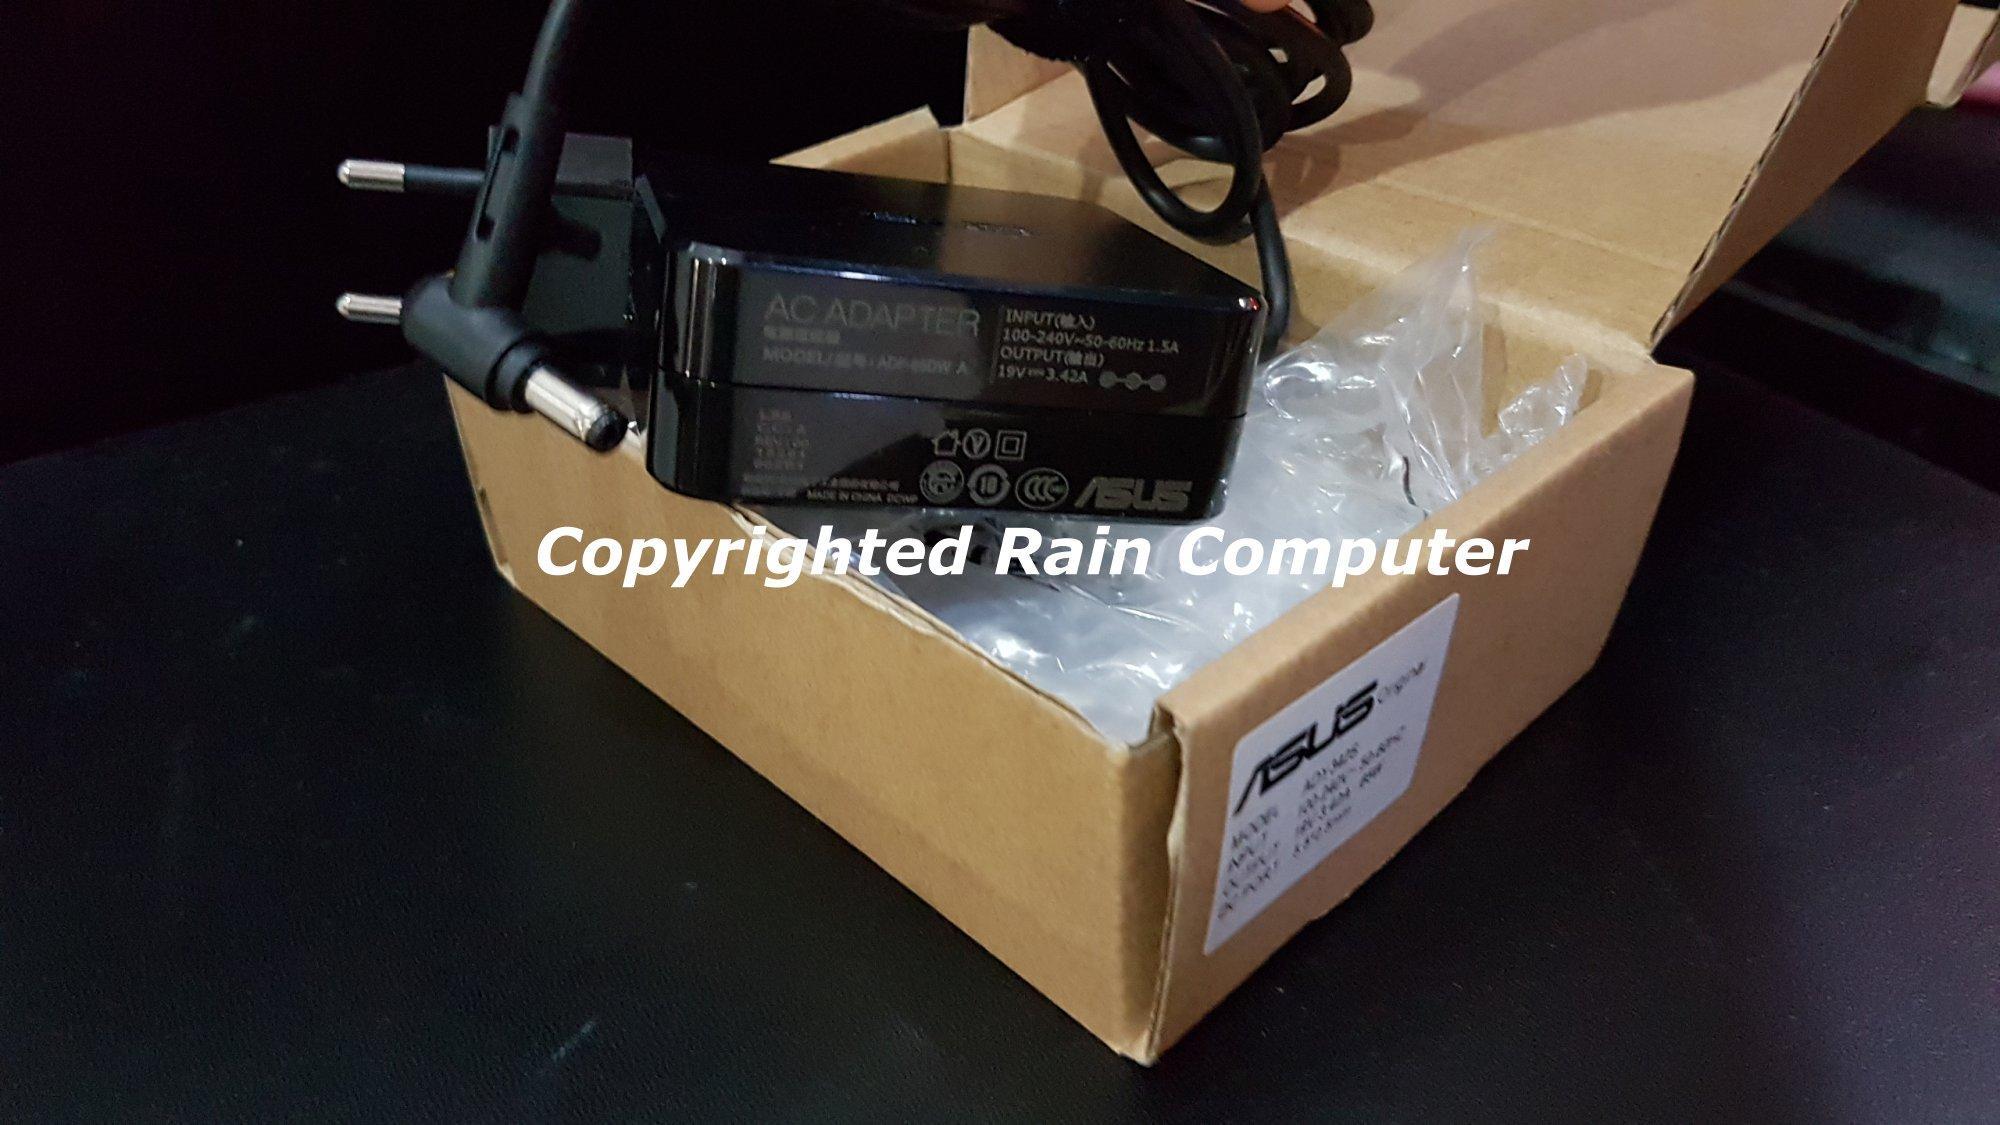 Adaptor Charger Original Asus A450c A450lc A451ld A451lb A451ln By Rain Computer.